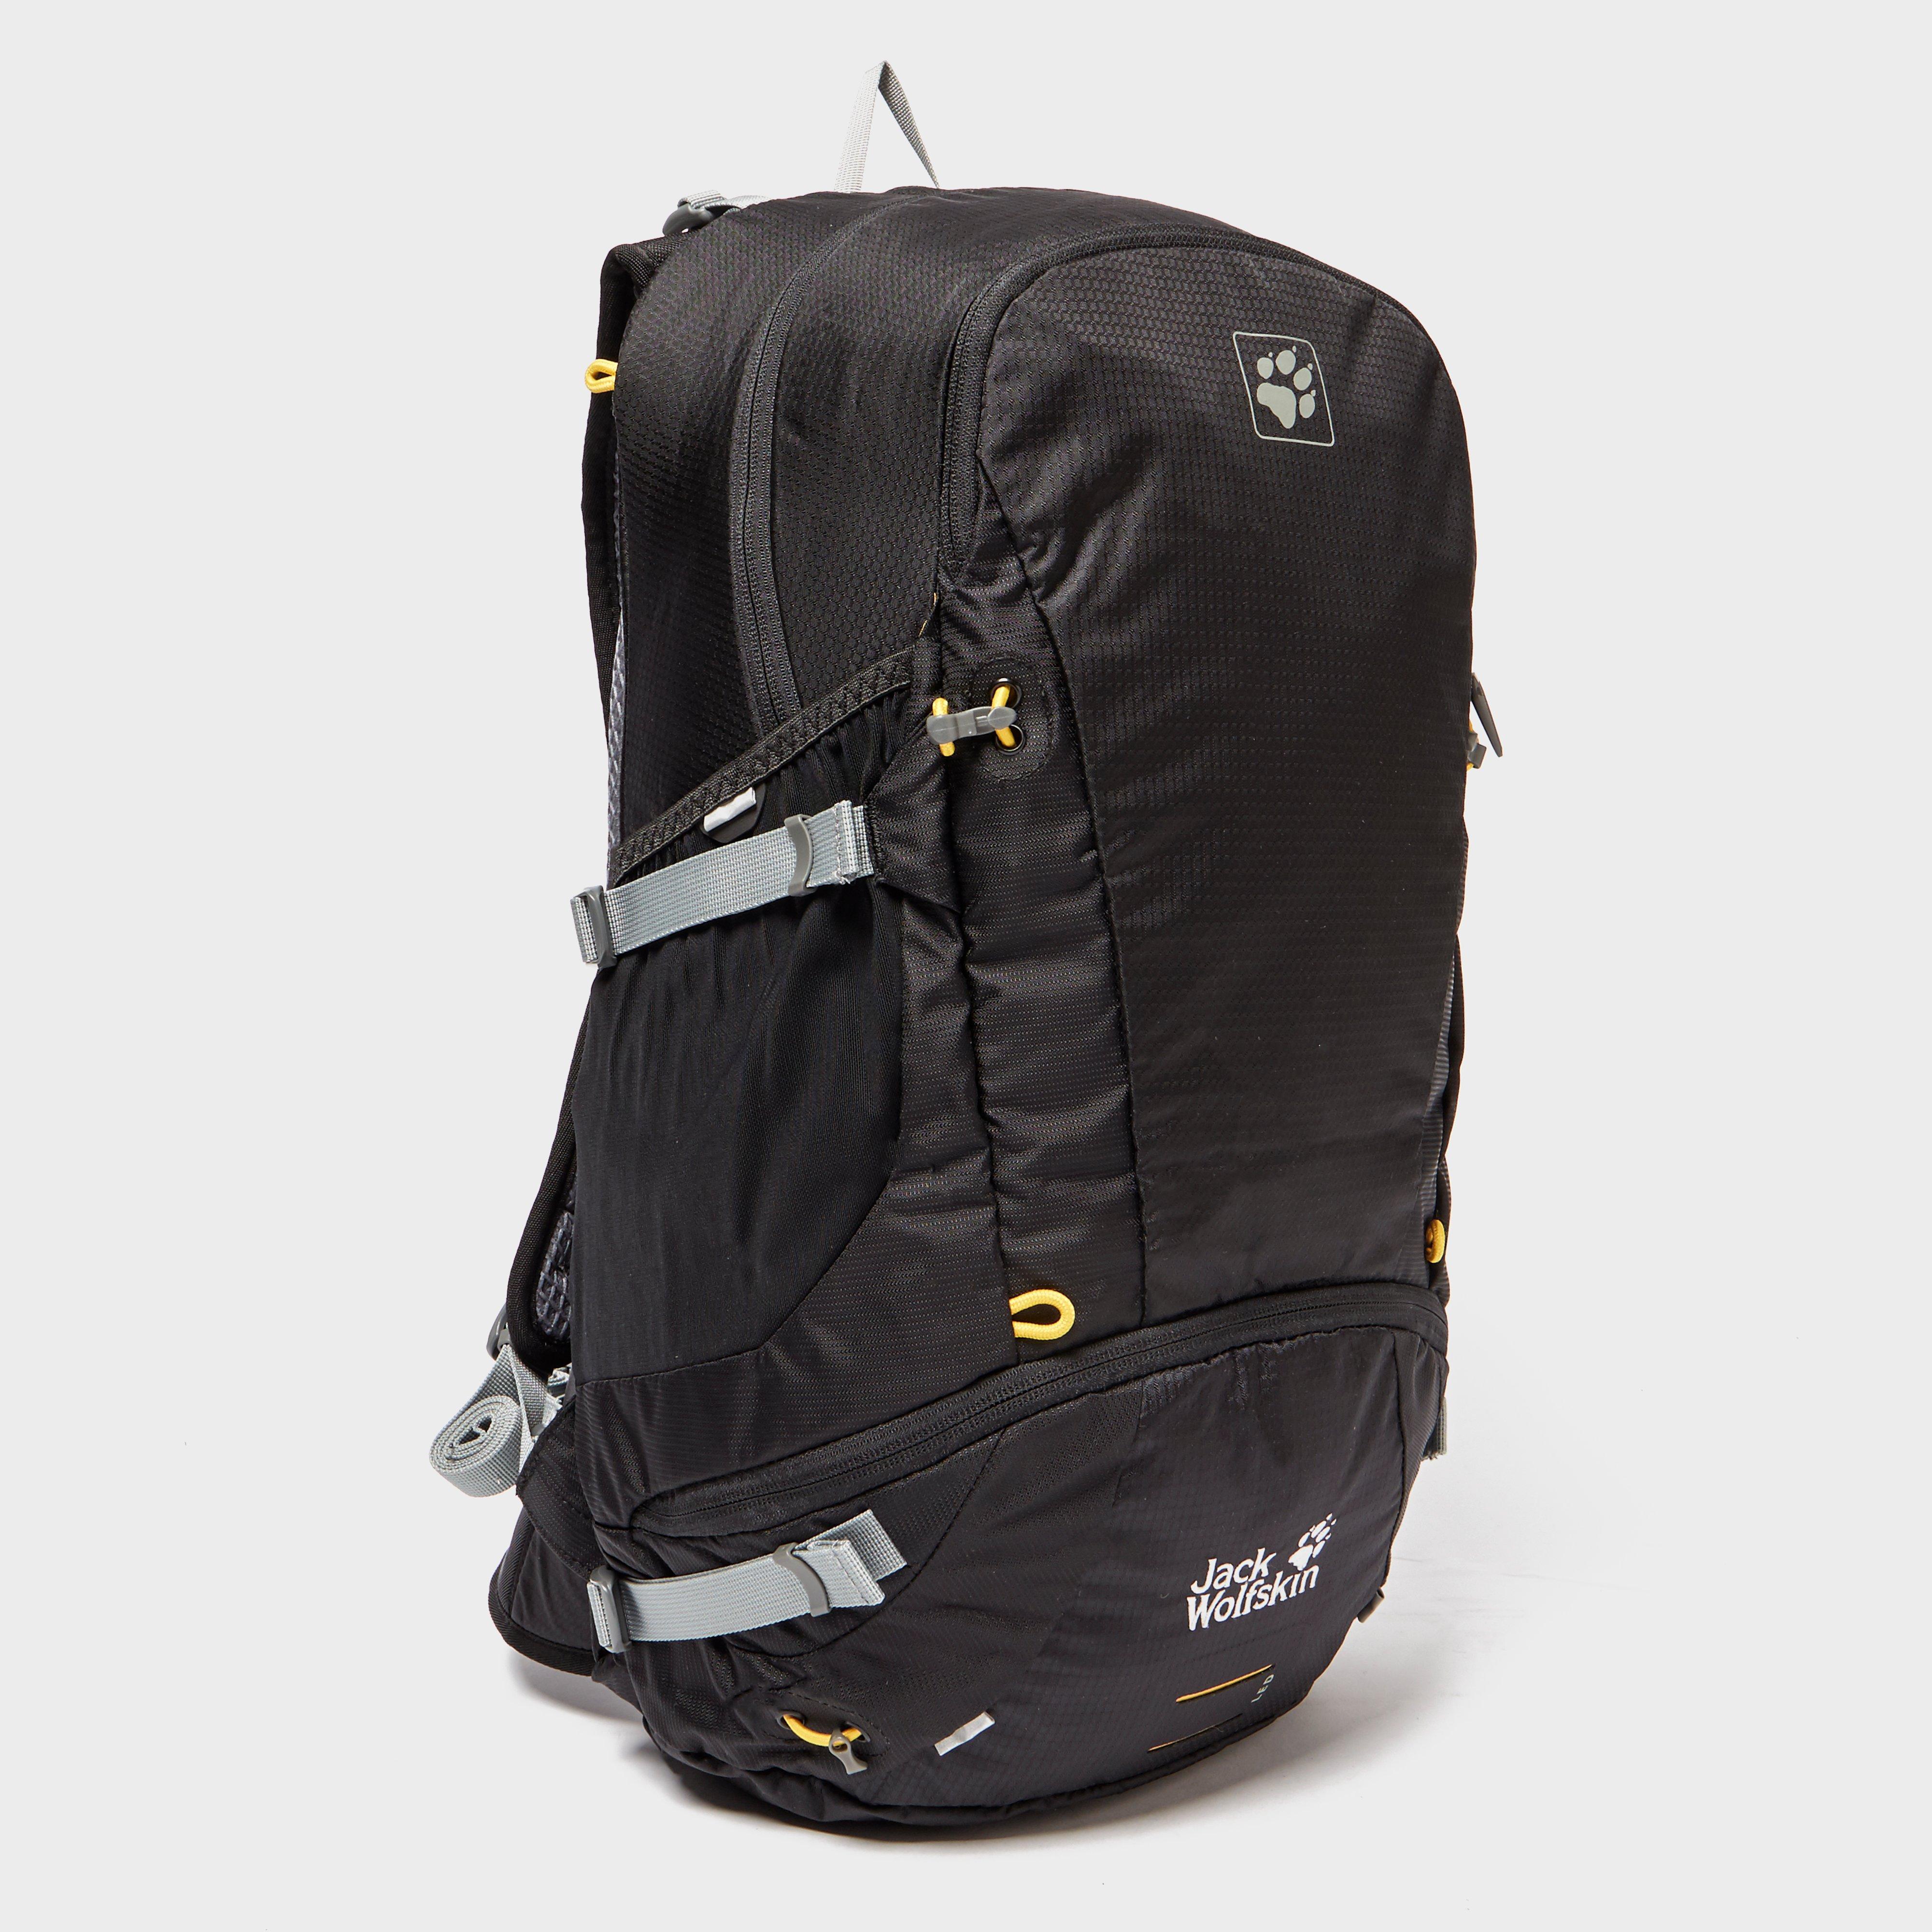 Jack Wolfskin Moab Jam 30 Litre Backpack  Black Black